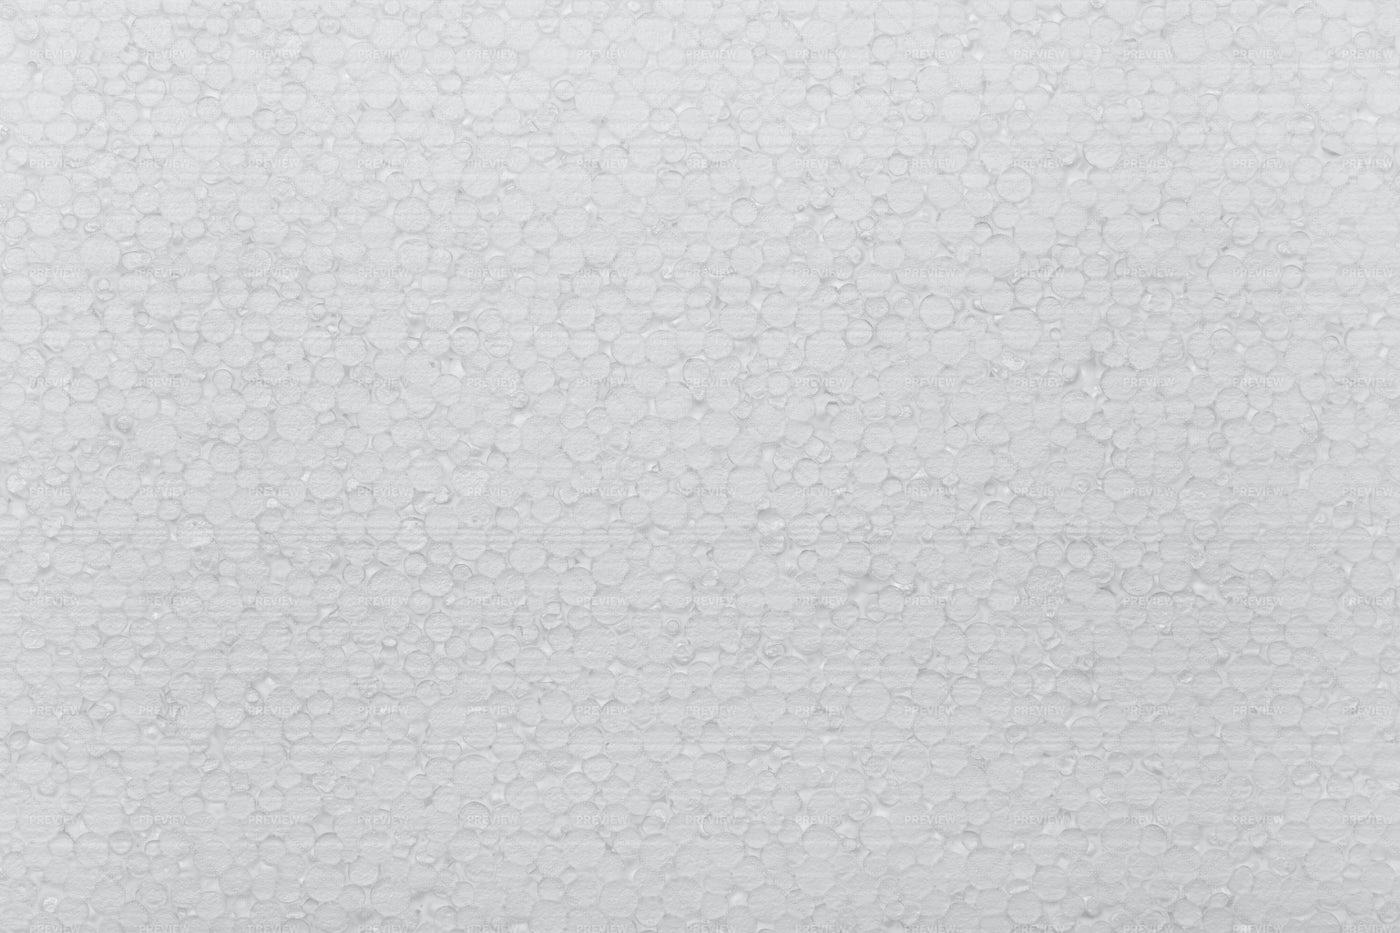 White Polystyrene: Stock Photos